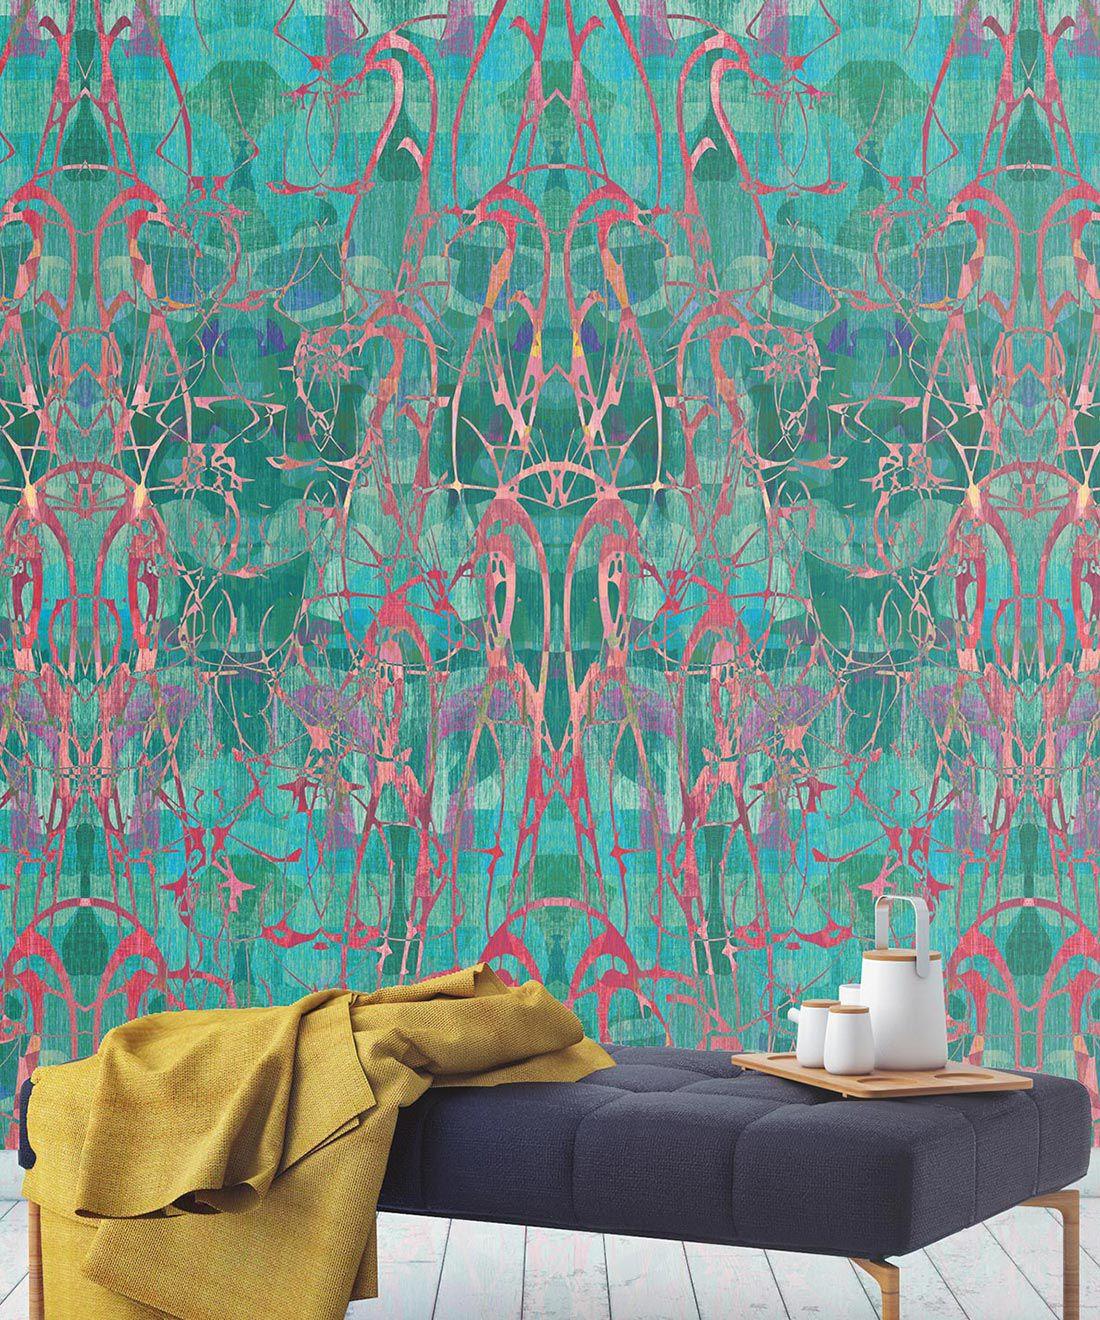 Camoufleur Wallpaper • Rainforest • Teal Wallpaper • Abstract Wallpaper insitu